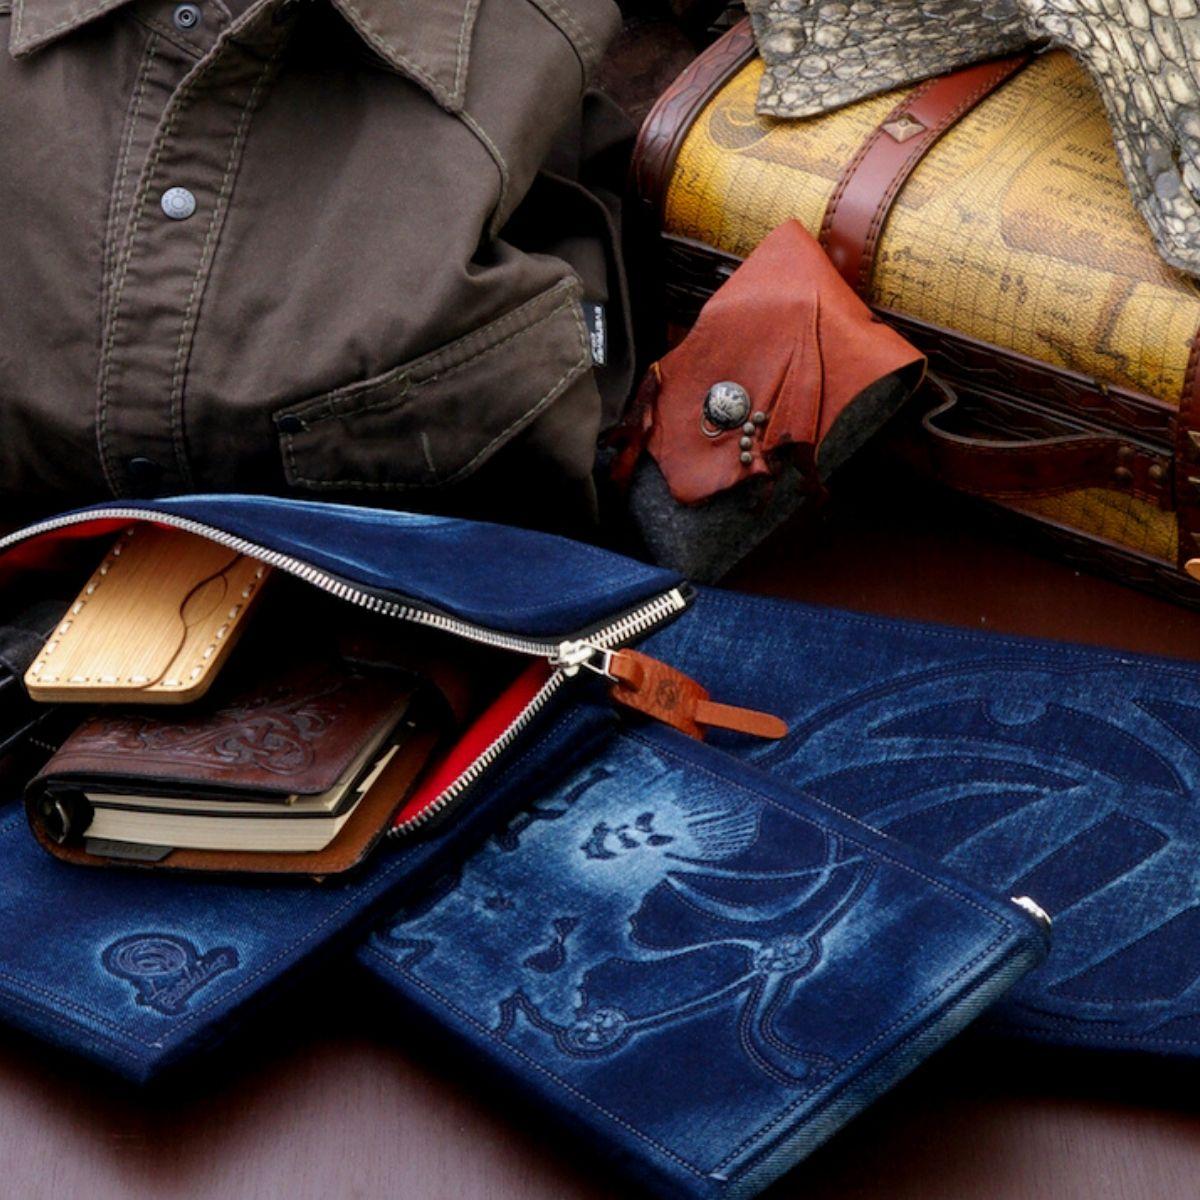 【ふるさと納税】美しい和柄刺繍と濃紺デニムが渋い『Bosshiroクラッチバッグ』〈全4柄〉